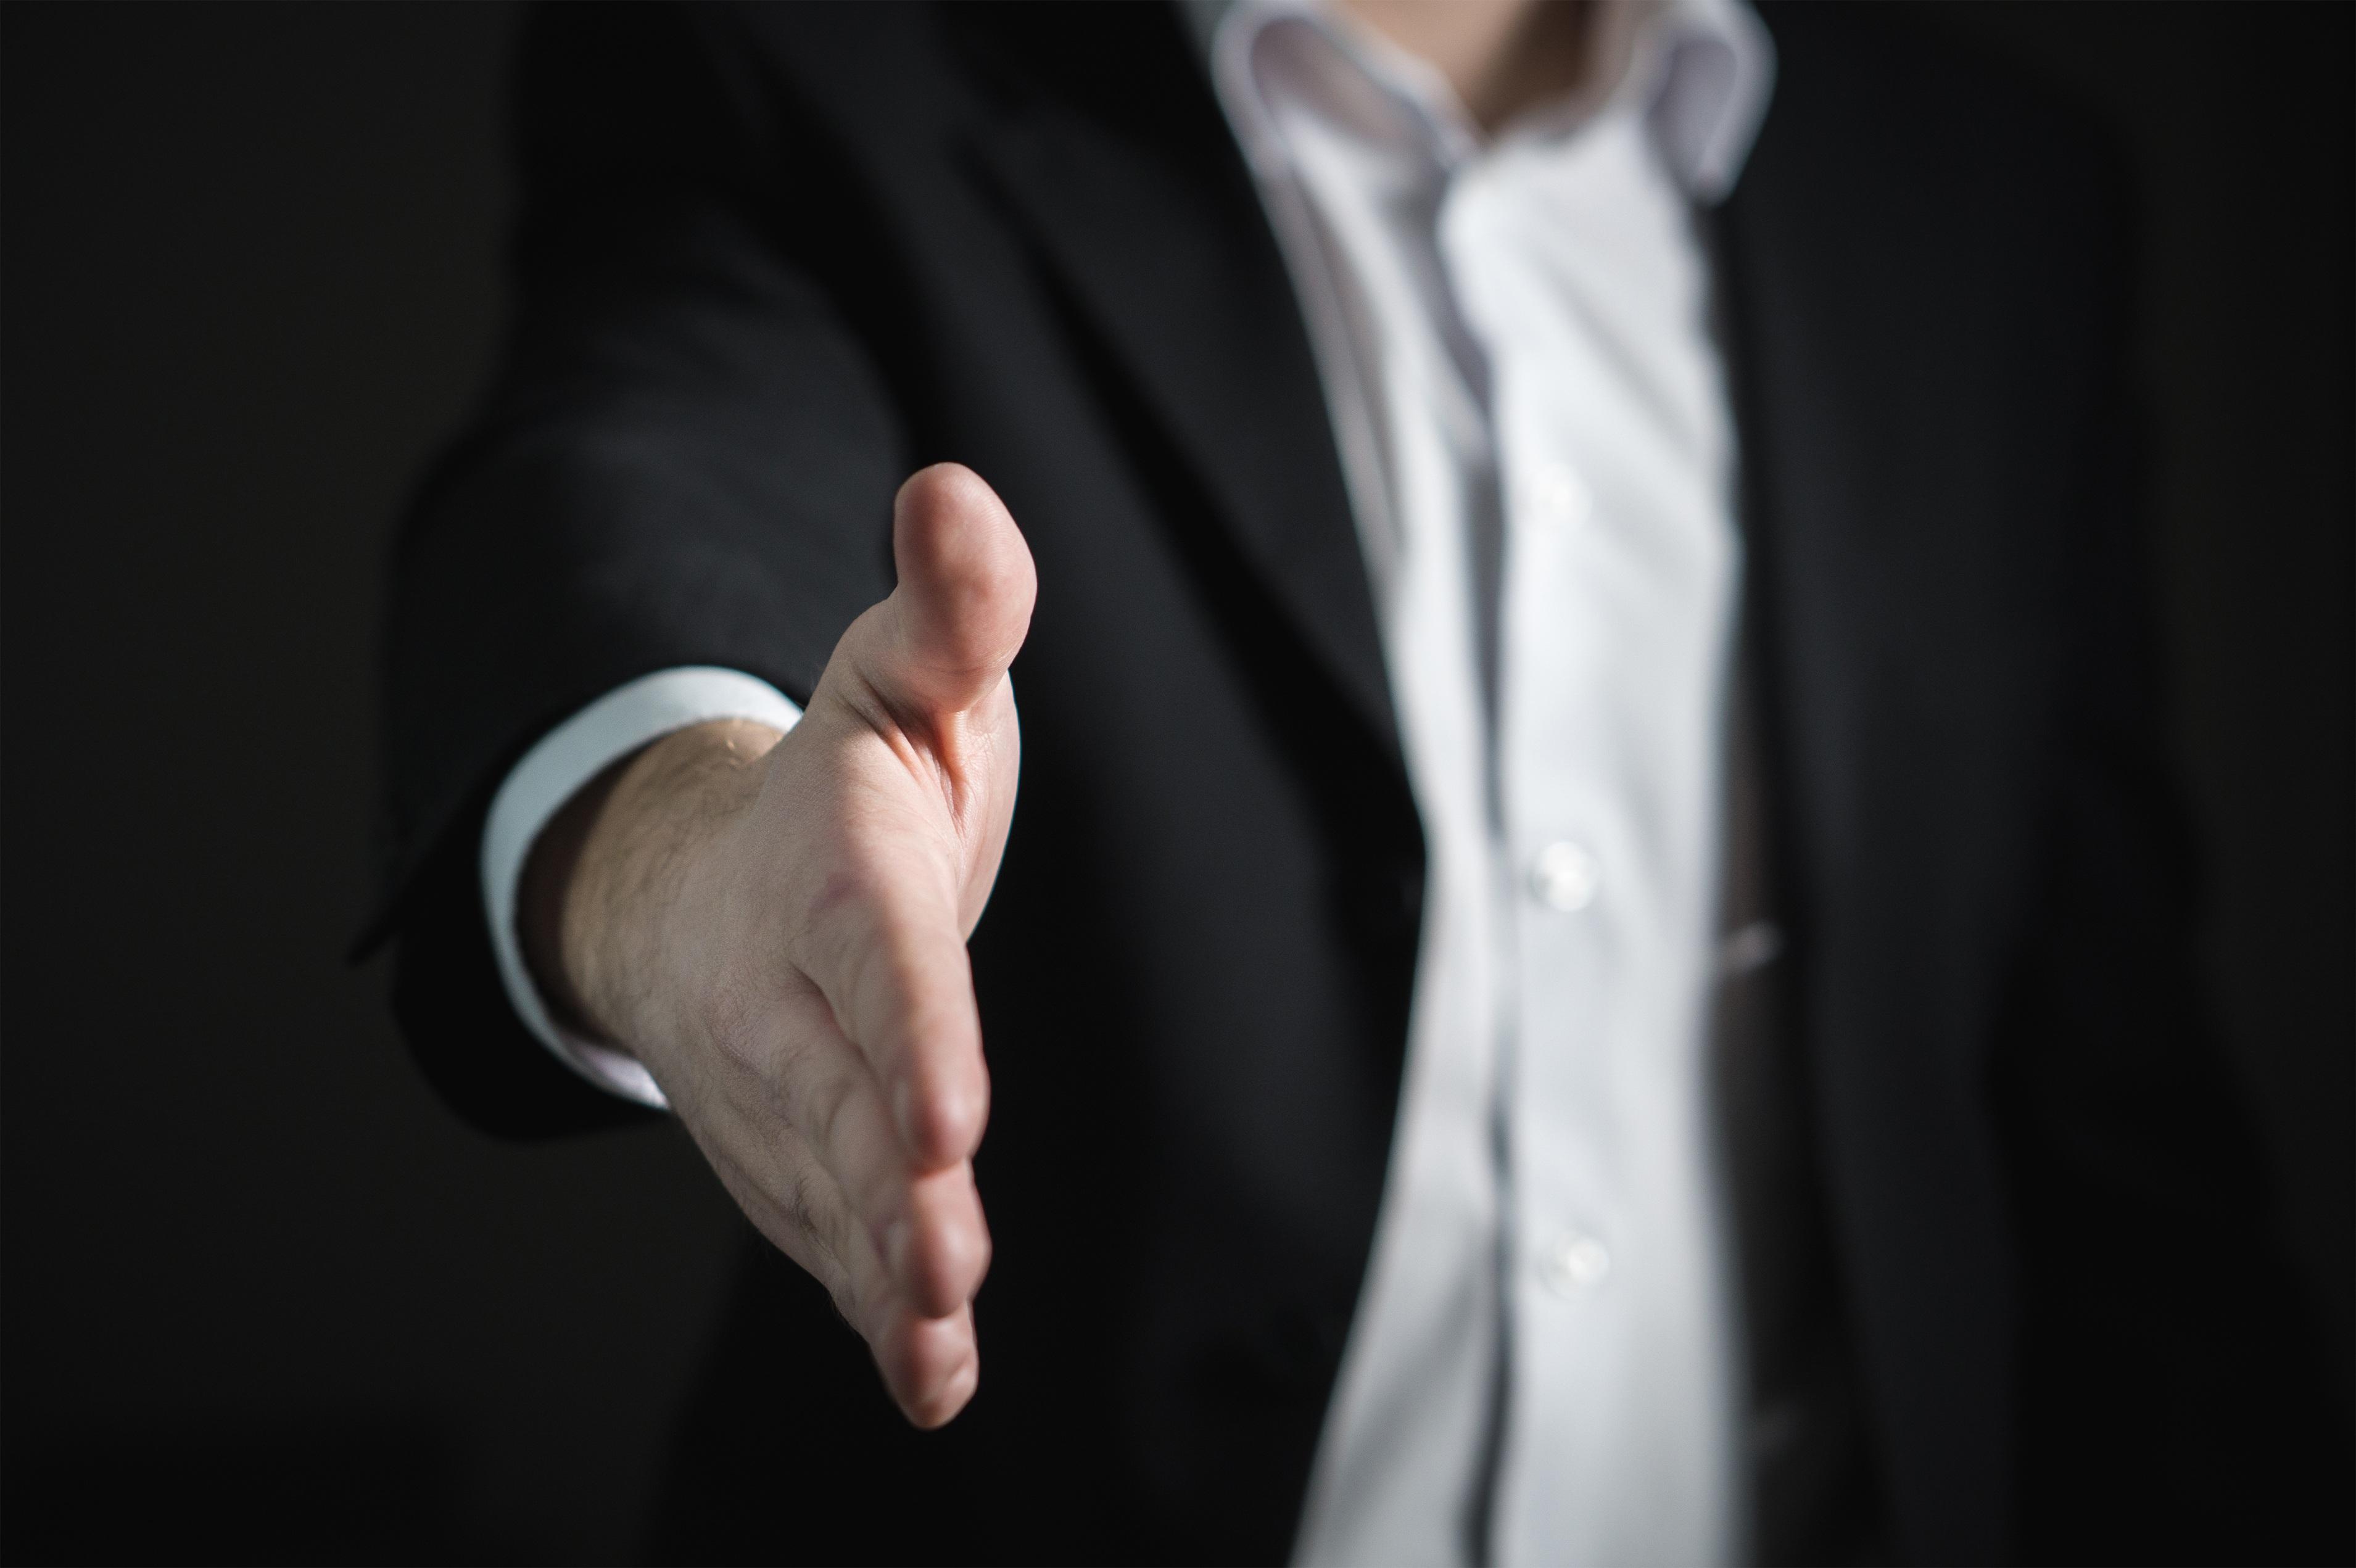 Kostenlose foto : Hand, Mann, Anzug, Fotografie, Finger, Geben ...